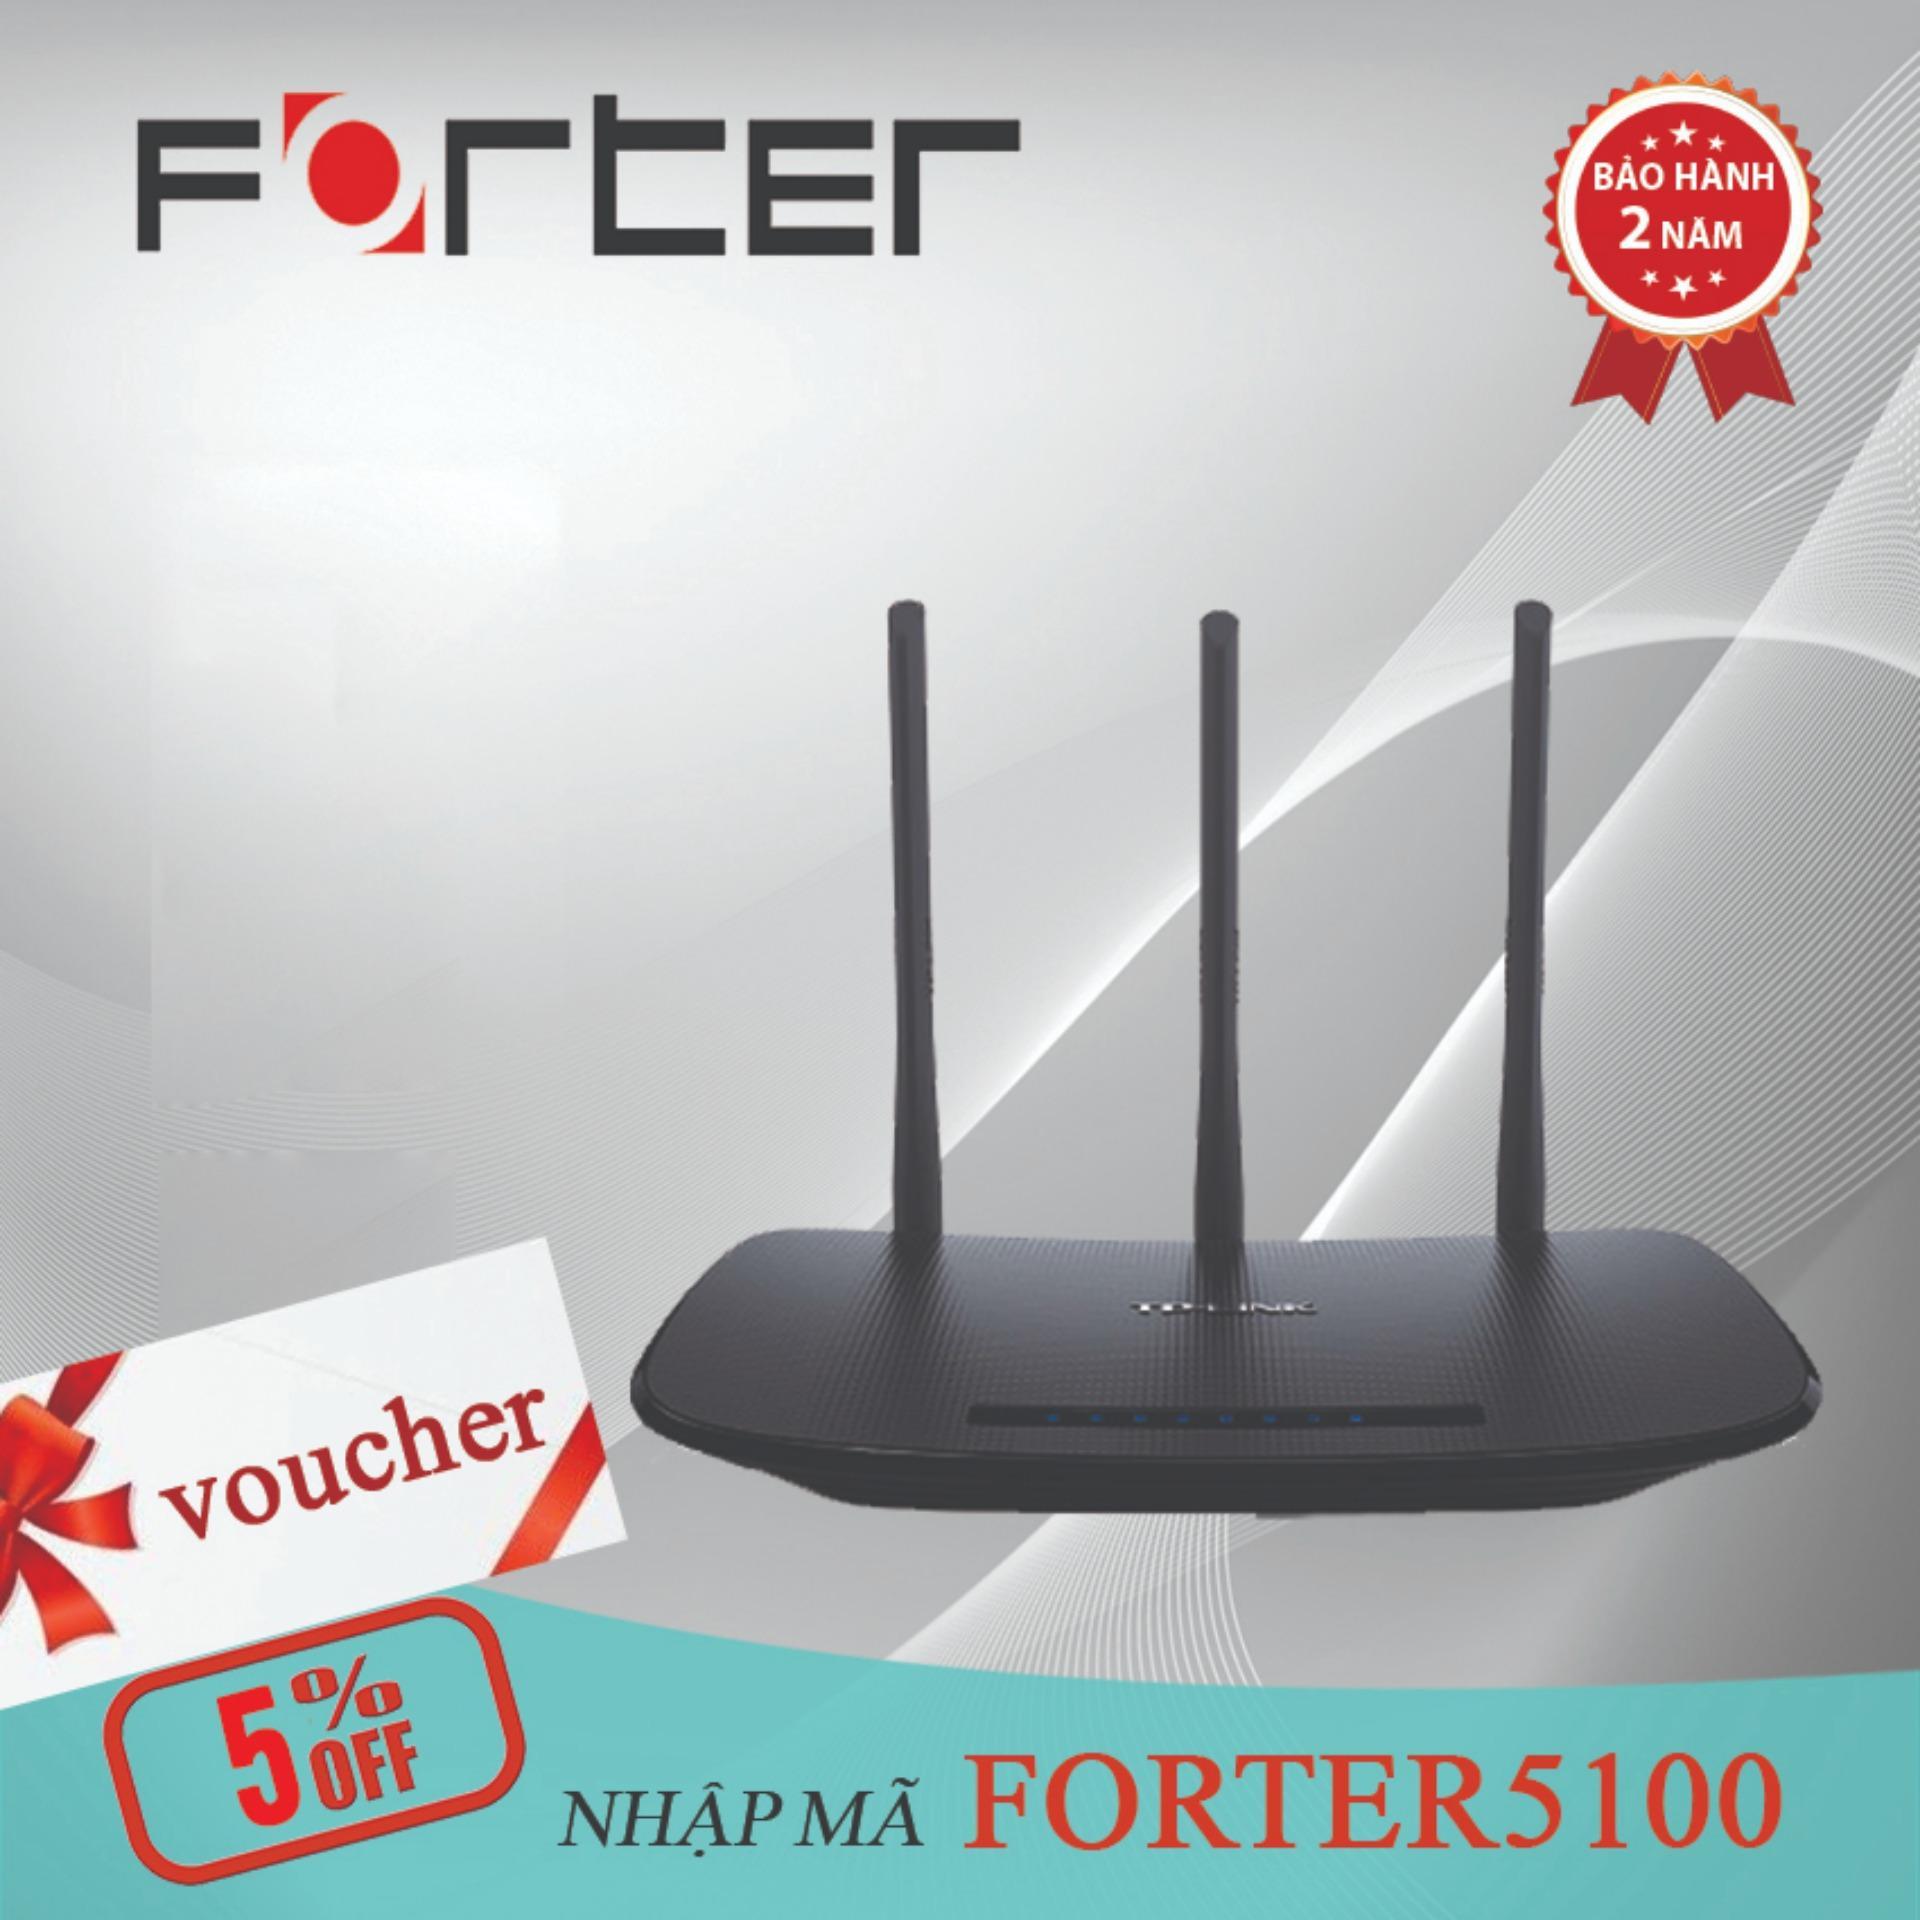 Giá Bán Router Wi Fi Chuẩn N Tốc Độ 450Mbps Tp Link Tl Wr940N Hang Phan Phối Chinh Thức Tp Link